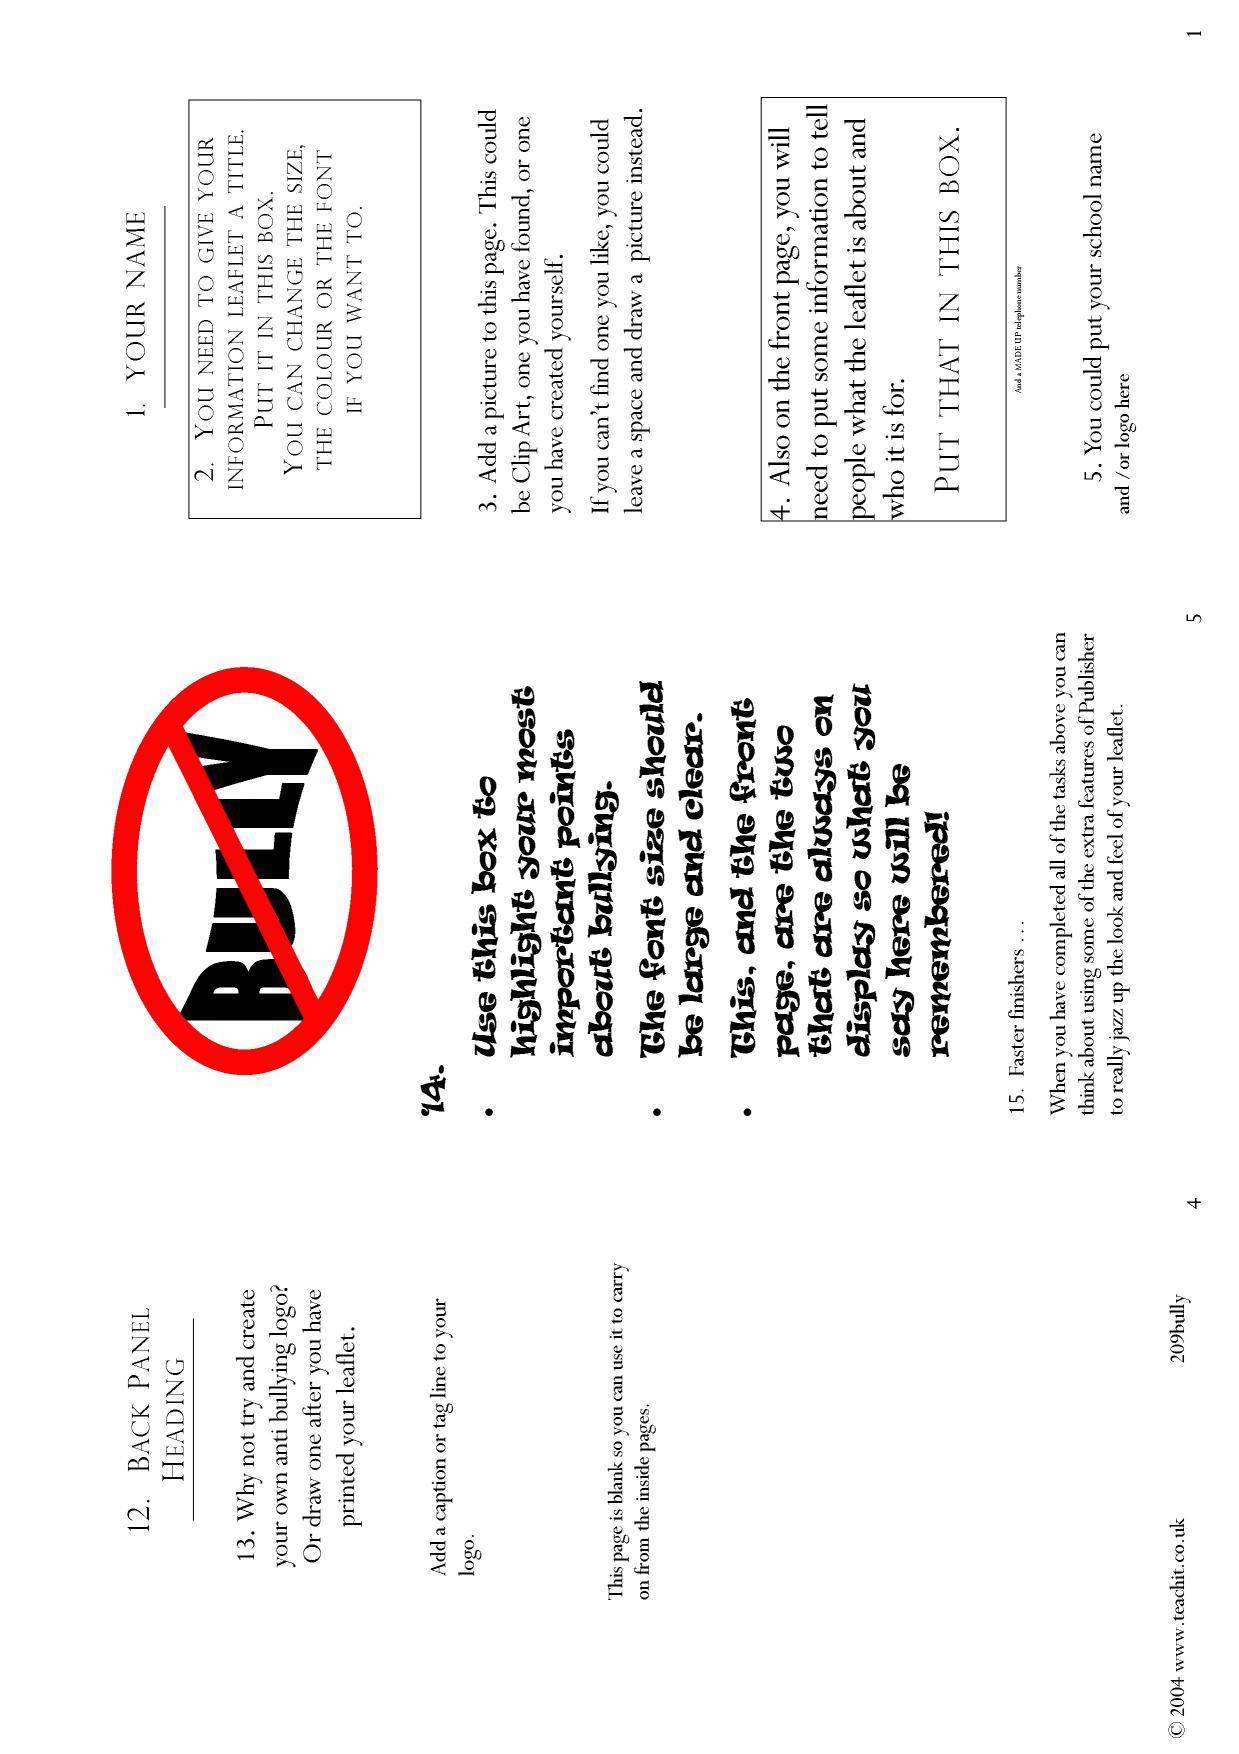 Bullying leaflet a publisher template leaflets argument and bullying leaflet a publisher template leaflets argument and persuasive writing home altavistaventures Images